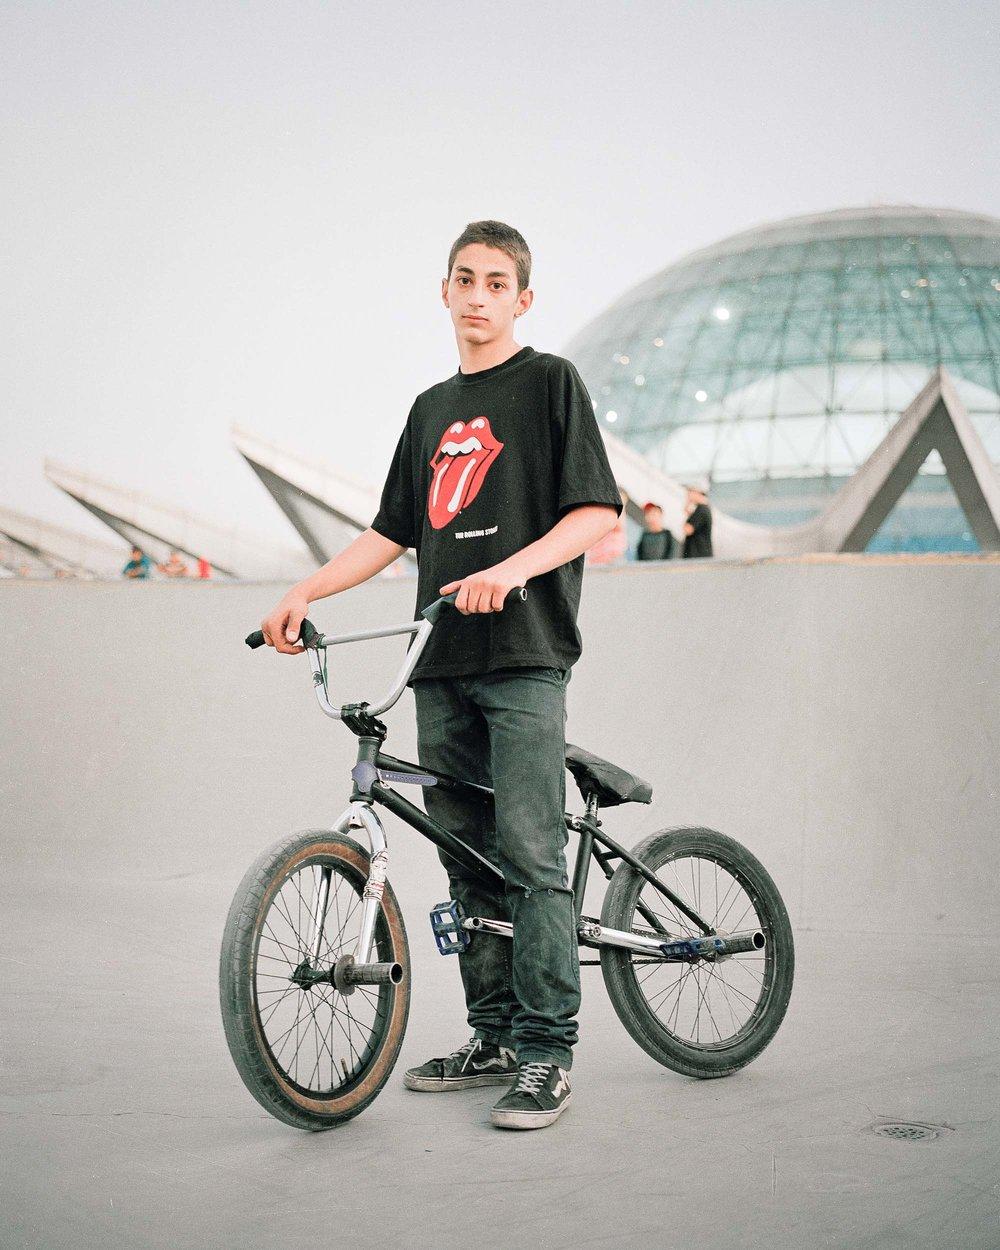 Mohammad Reza, 16